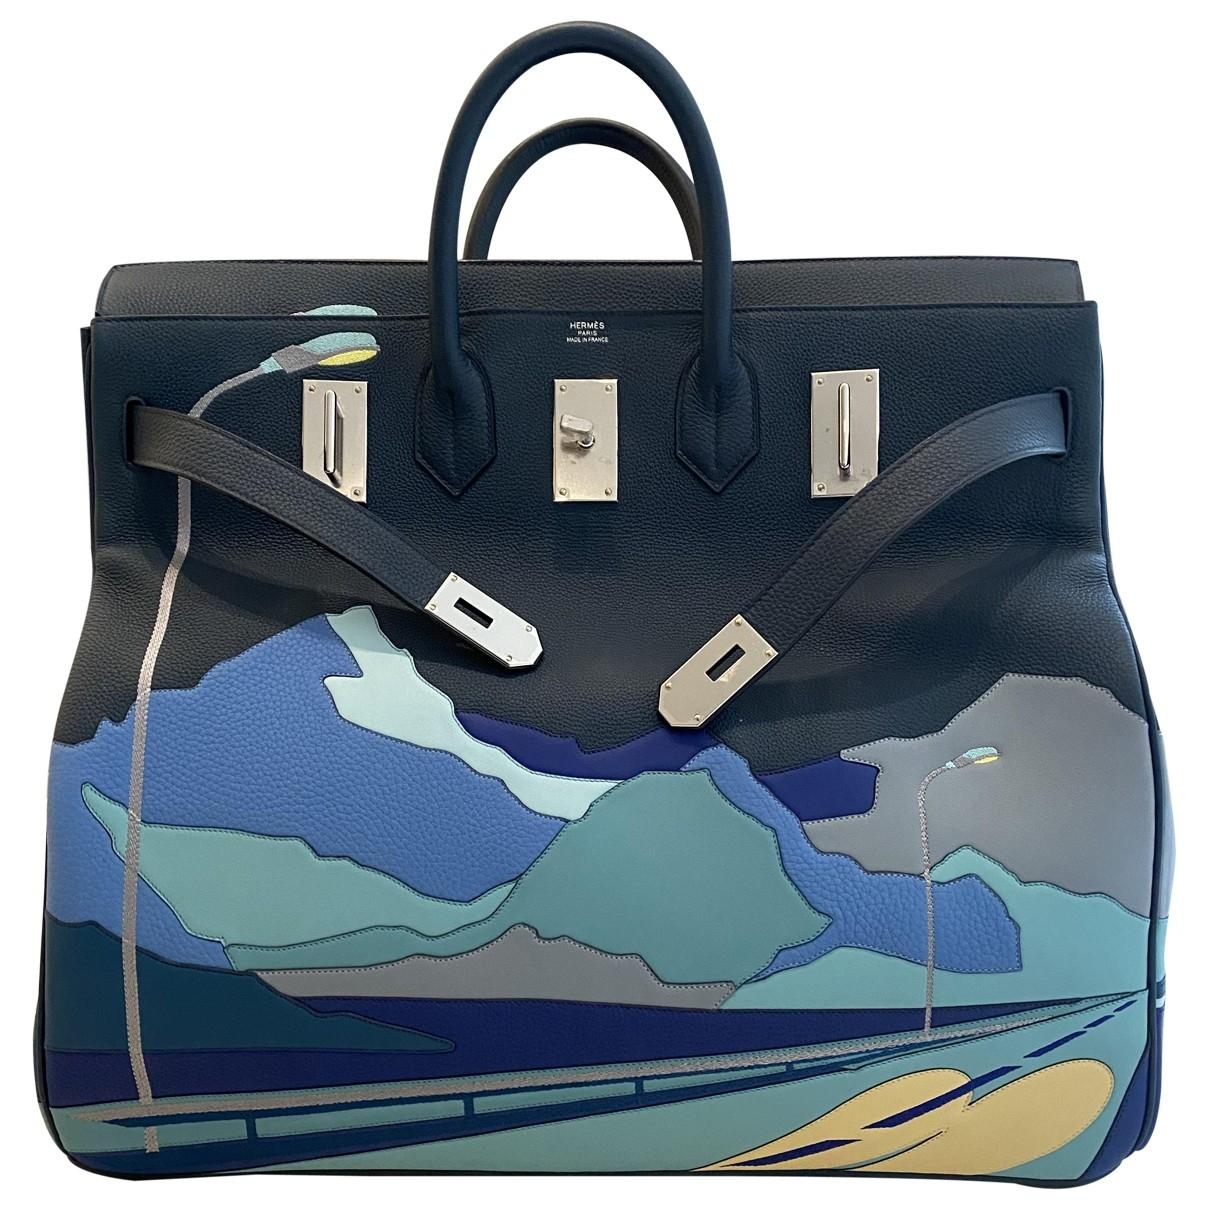 Hermès Haut à Courroies Blue Leather Travel bag for Women \N